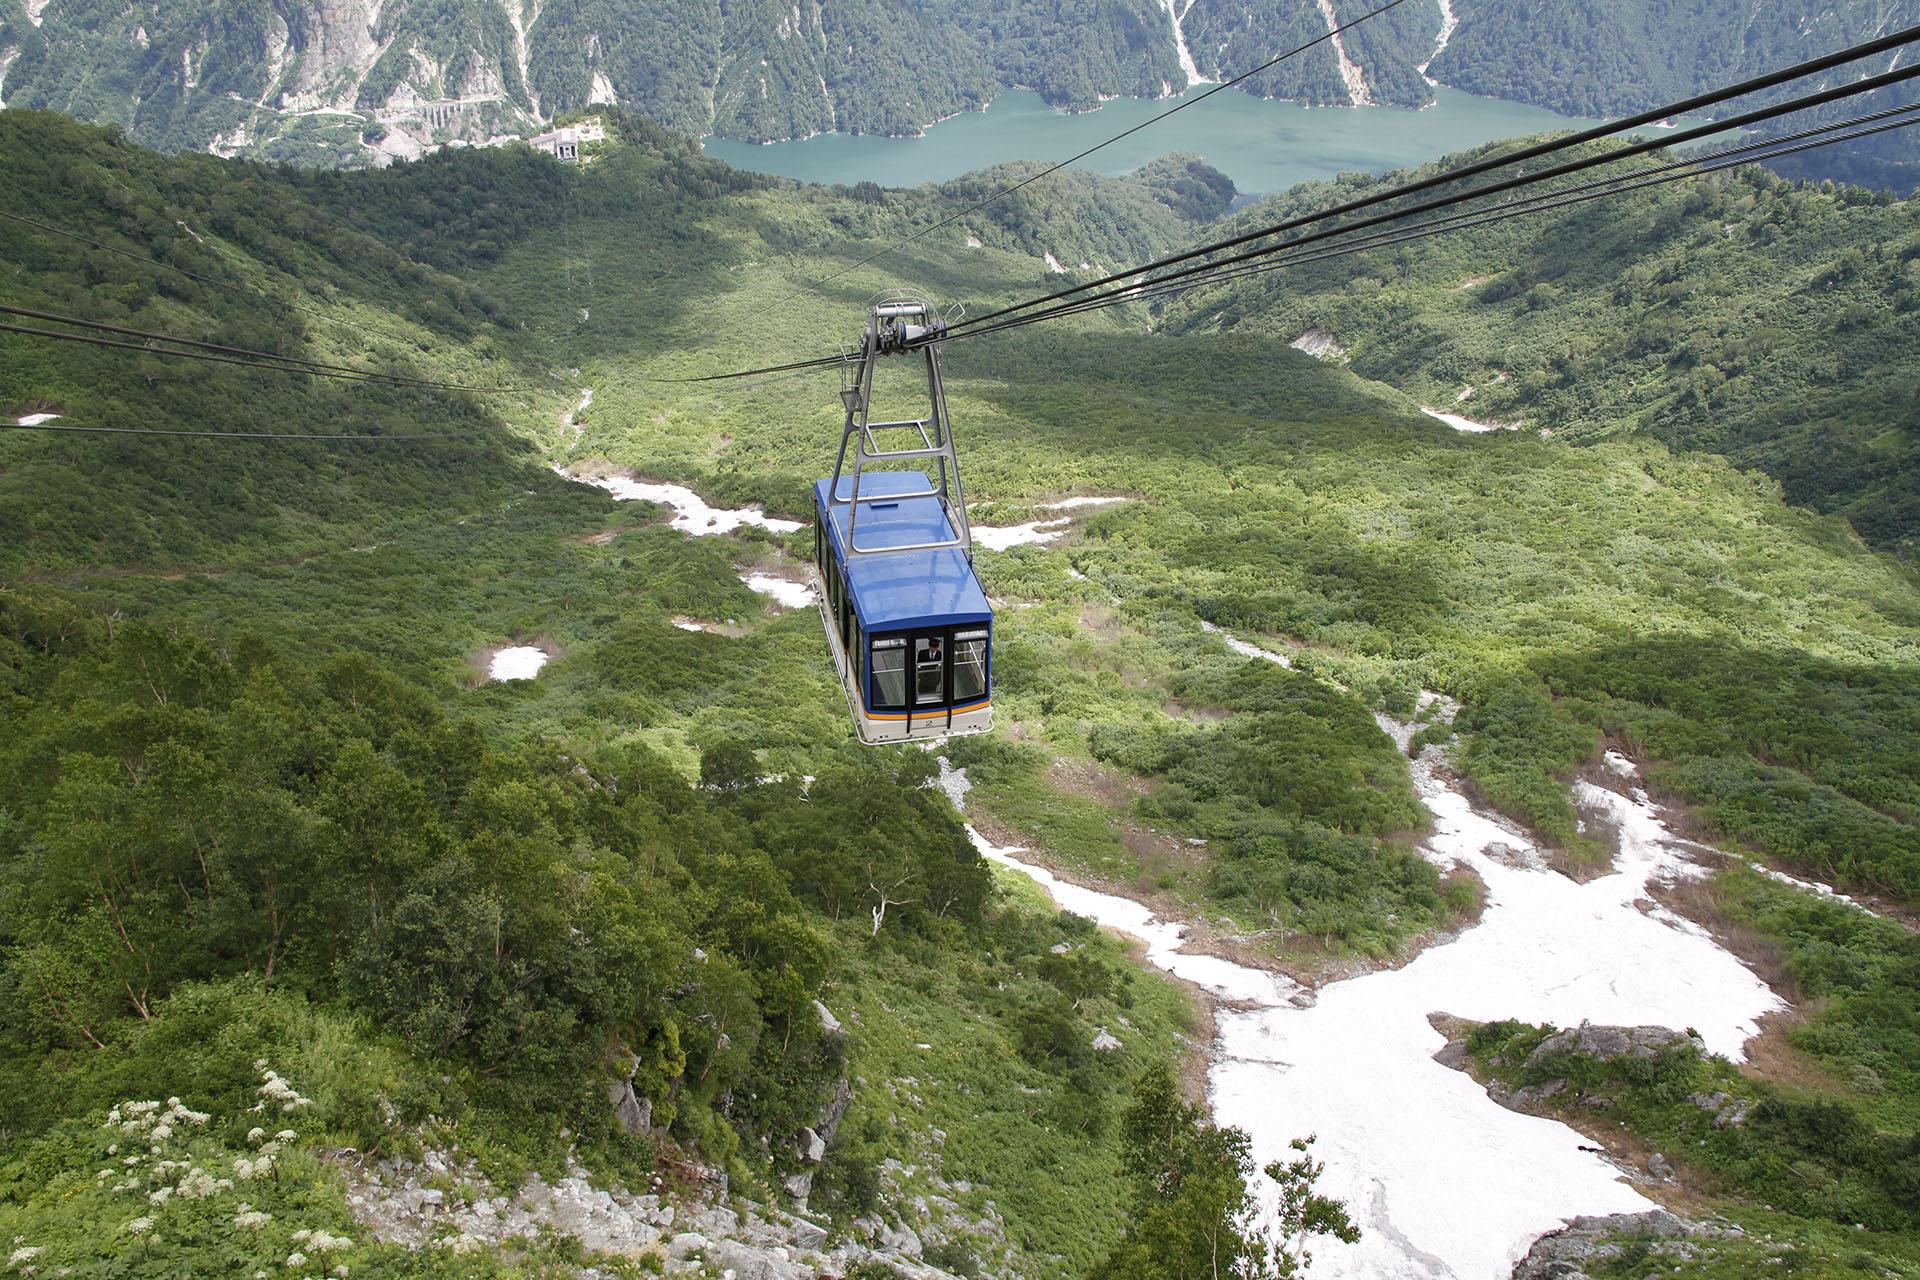 立山ロープウェイ 立山黒部アルペンルート 富山の風景